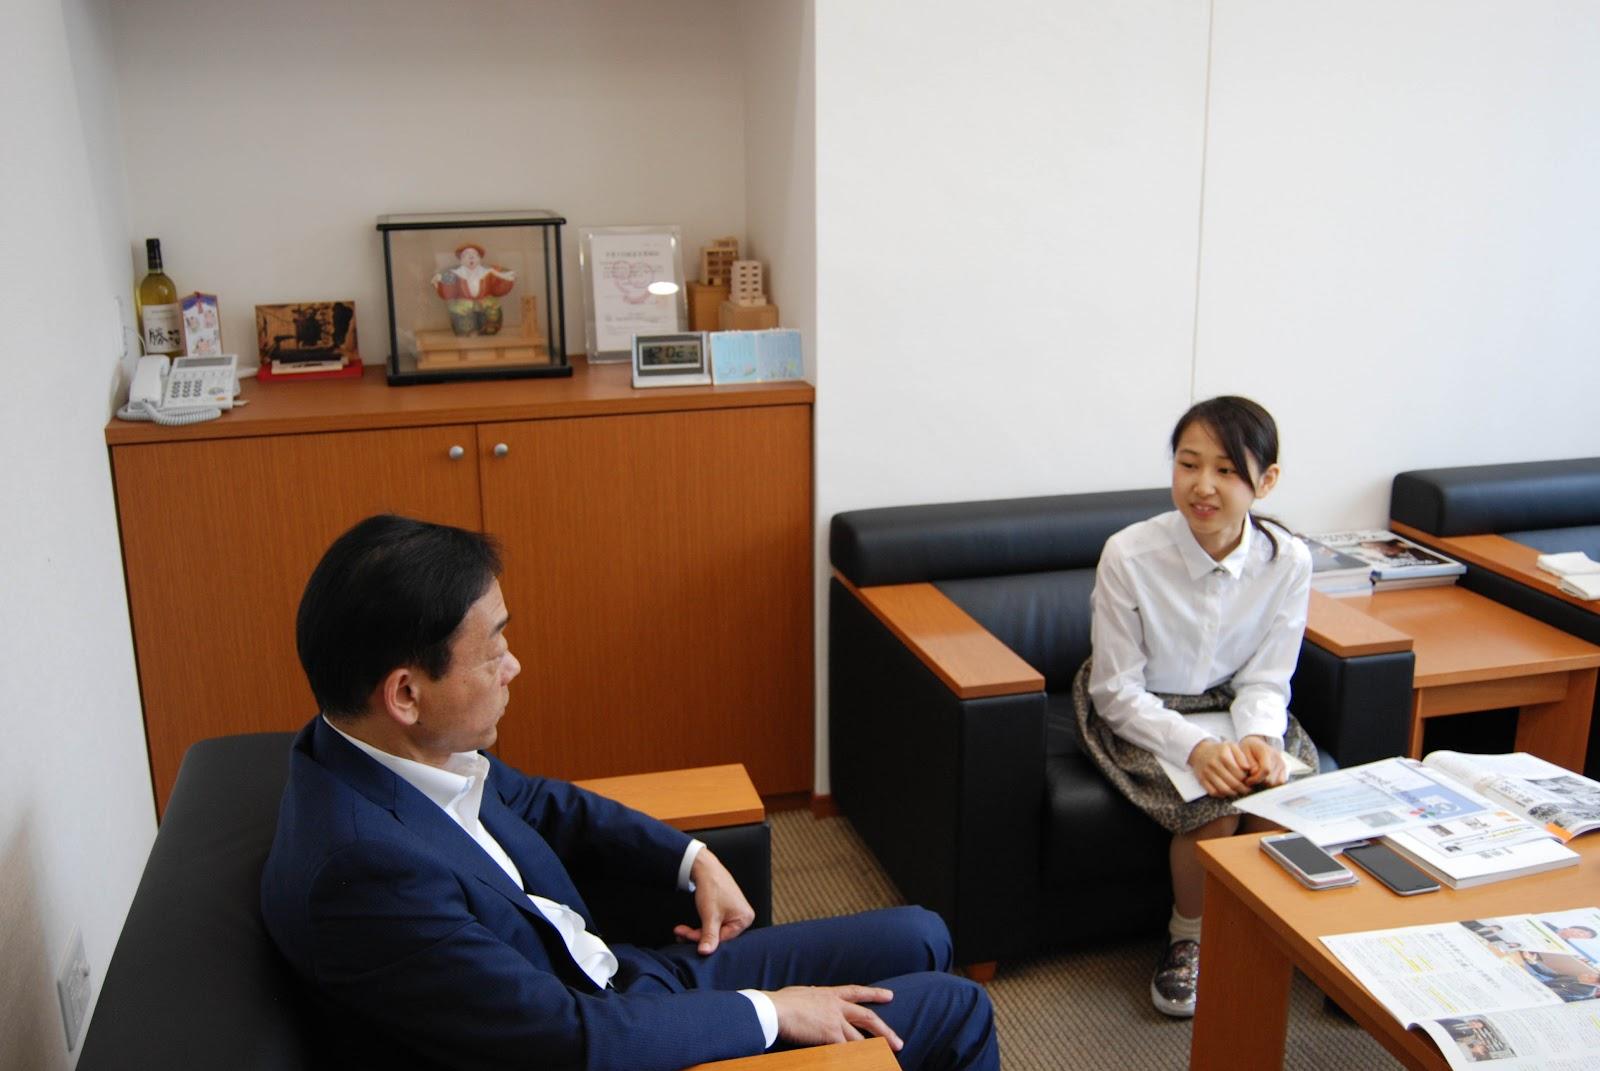 【社長直撃インタビュー!】株式会社アイ・ビー・ビー 廣田社長にお話を伺いました。